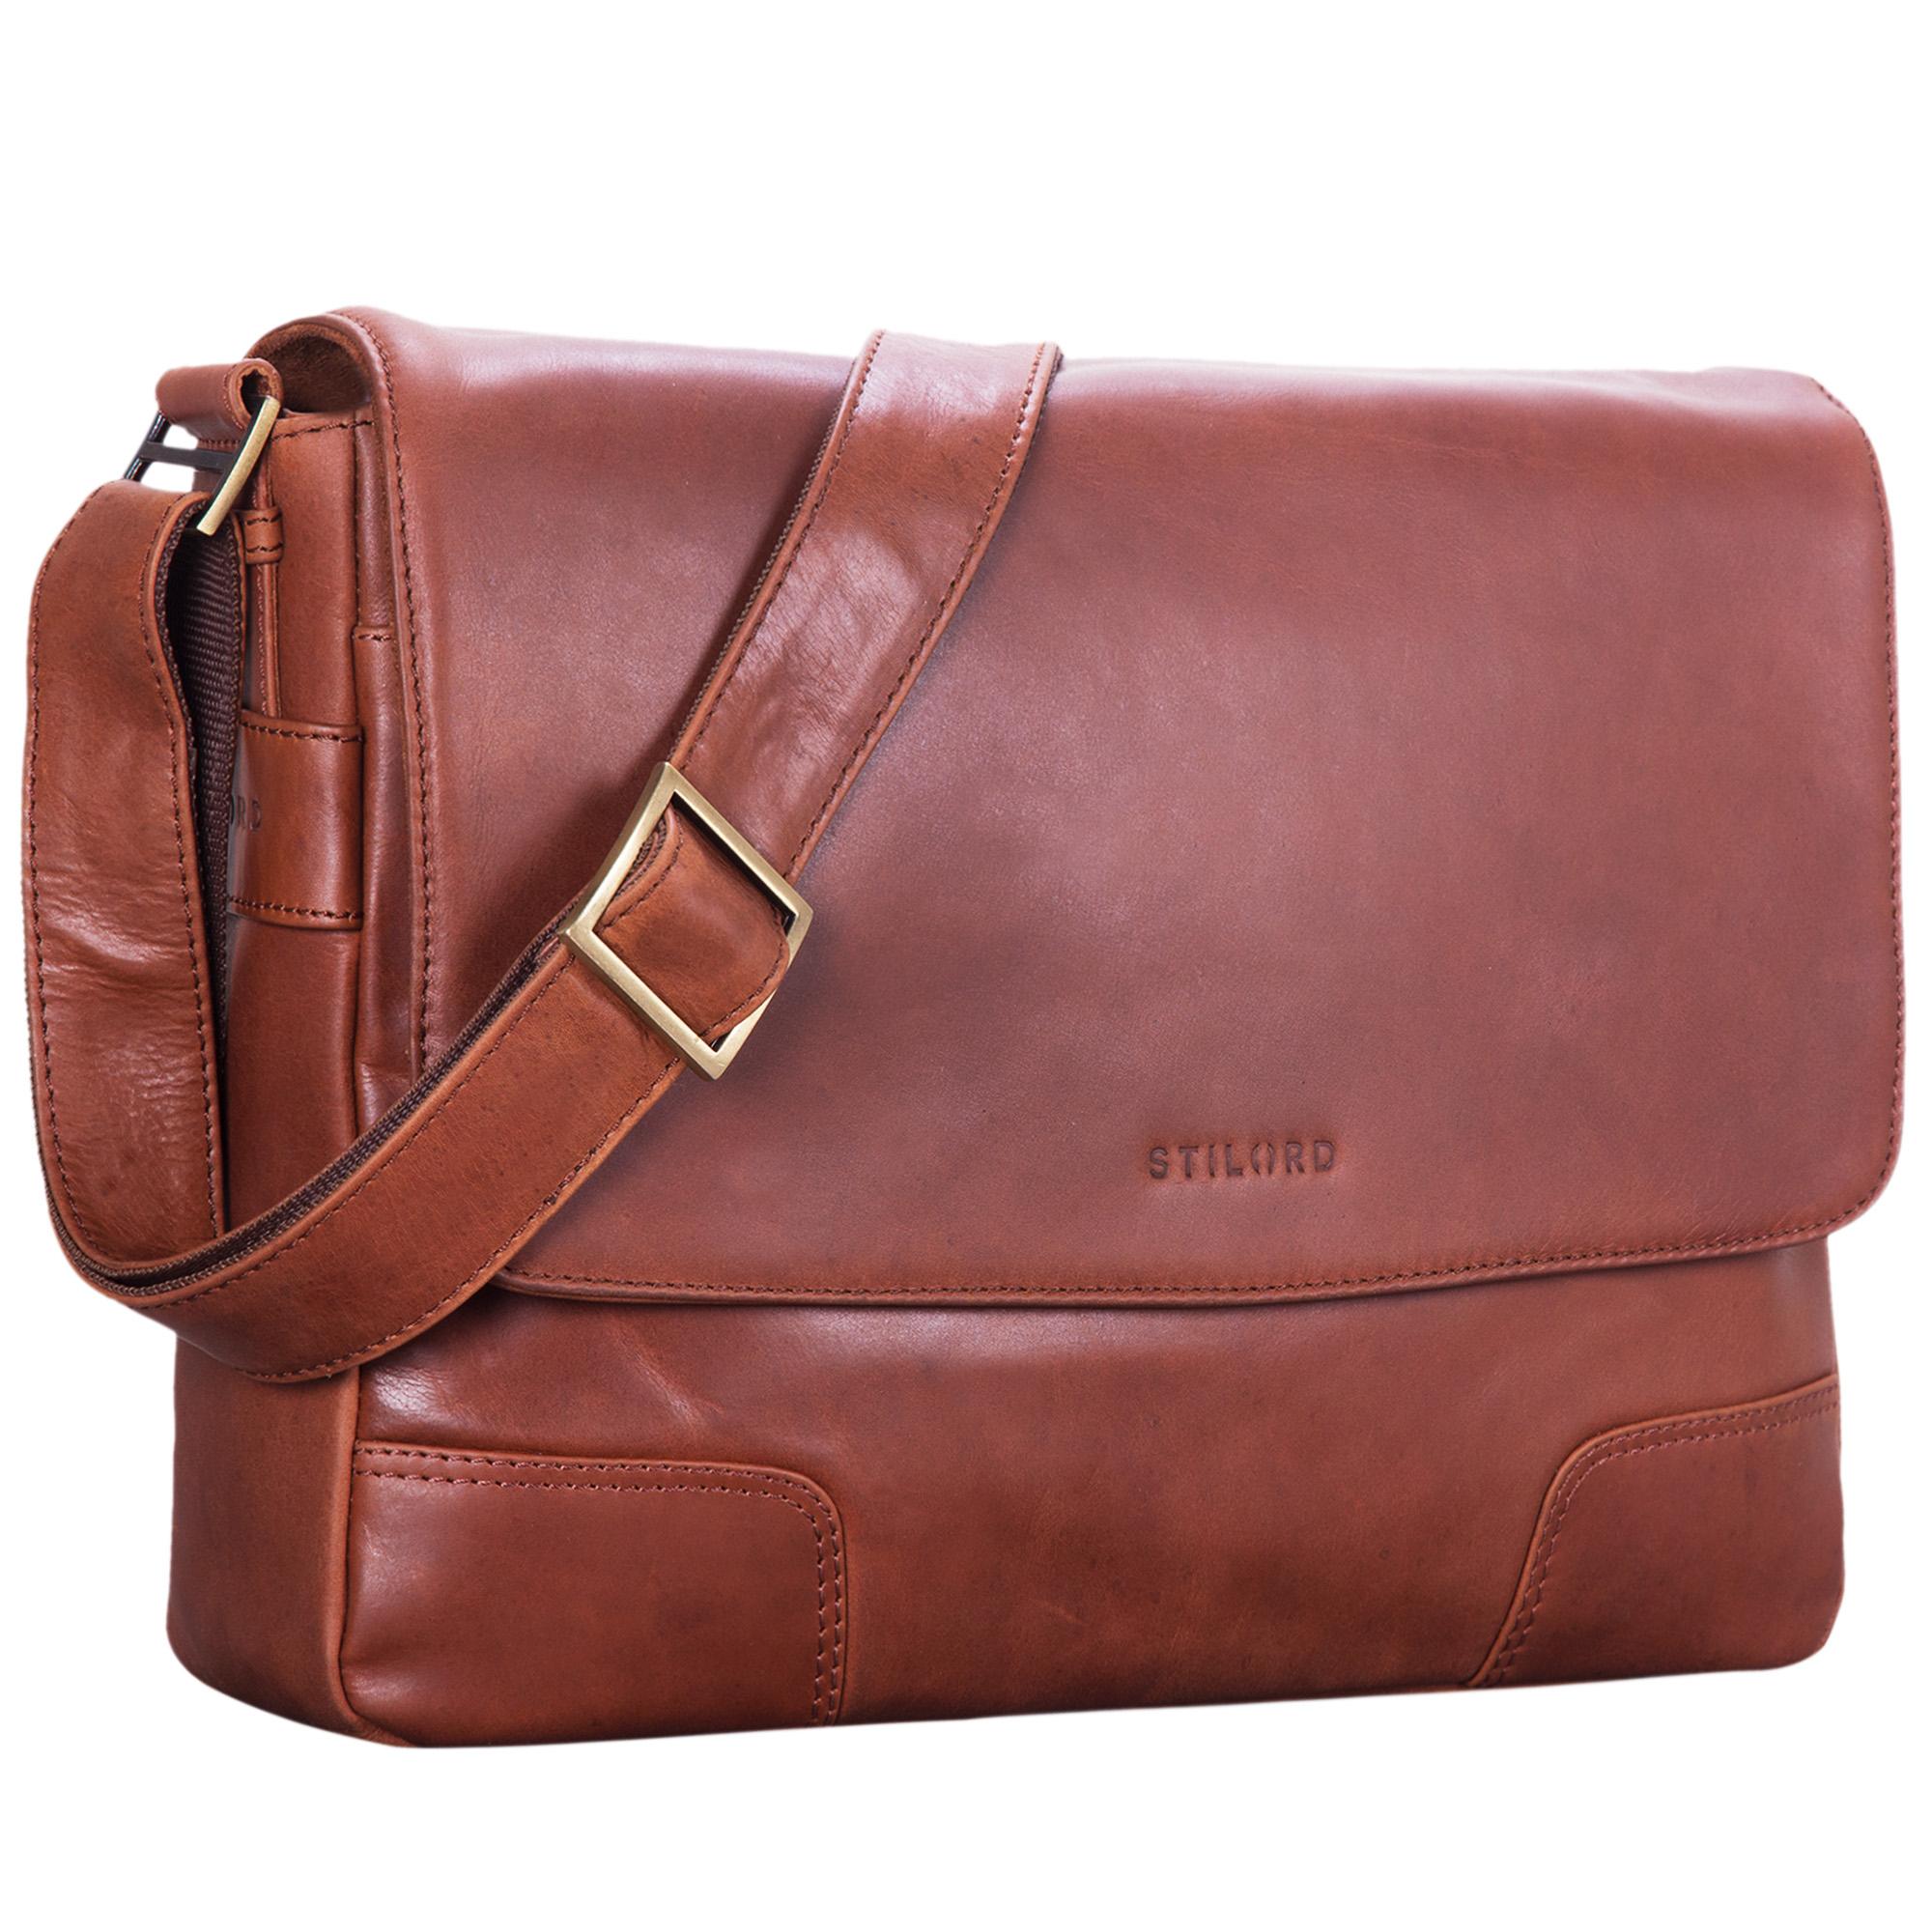 """STILORD """"Miro"""" Messenger Bag Leder Umhängetasche 14 Zoll Vintage Design für Herren Damen Uni Büro Arbeit Aktentasche DIN A4 Laptoptasche Echtleder - Bild 10"""